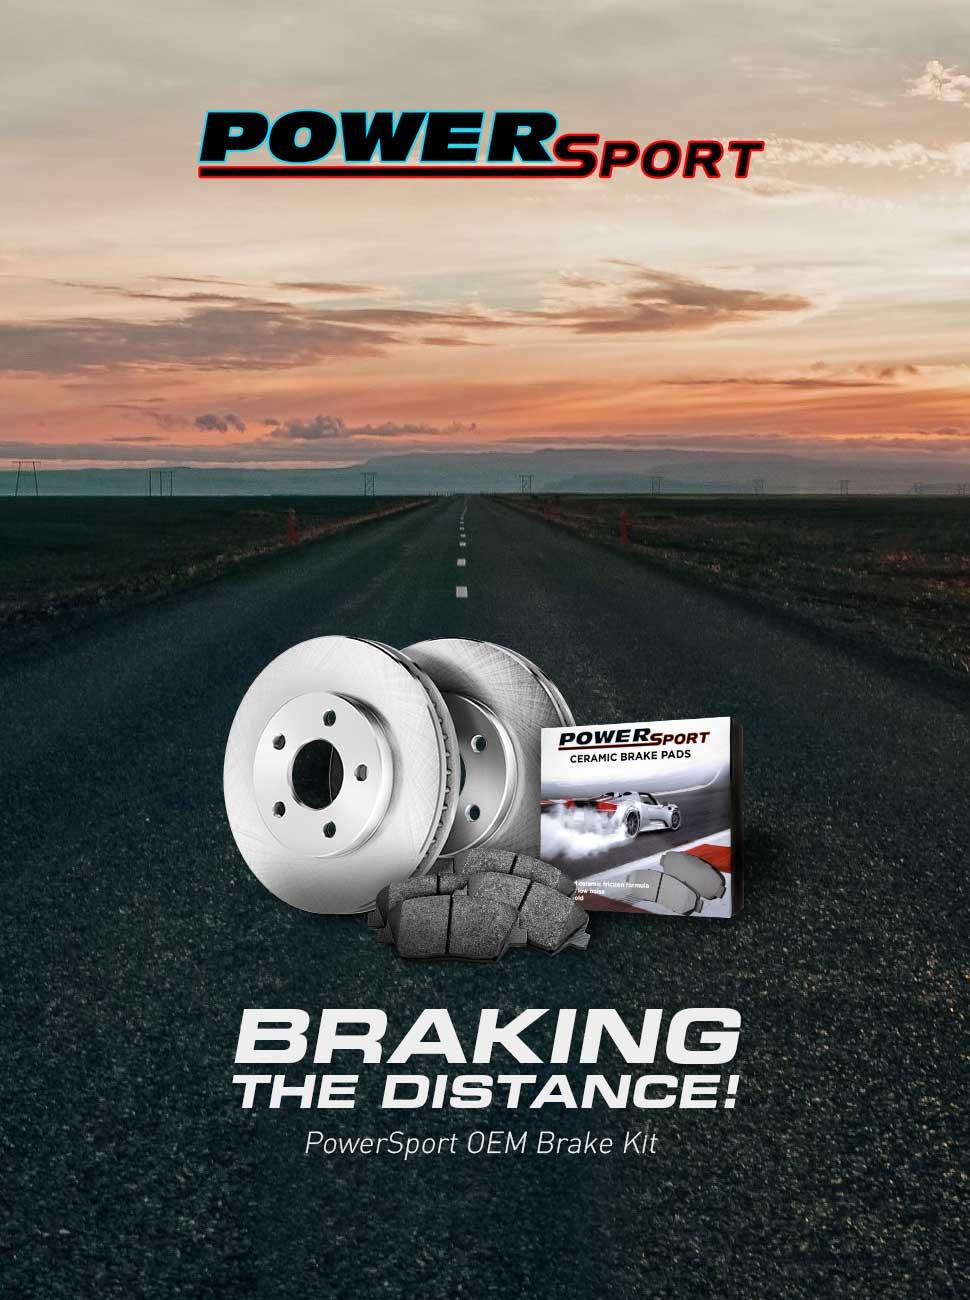 PowerSport OEM Brake Kit